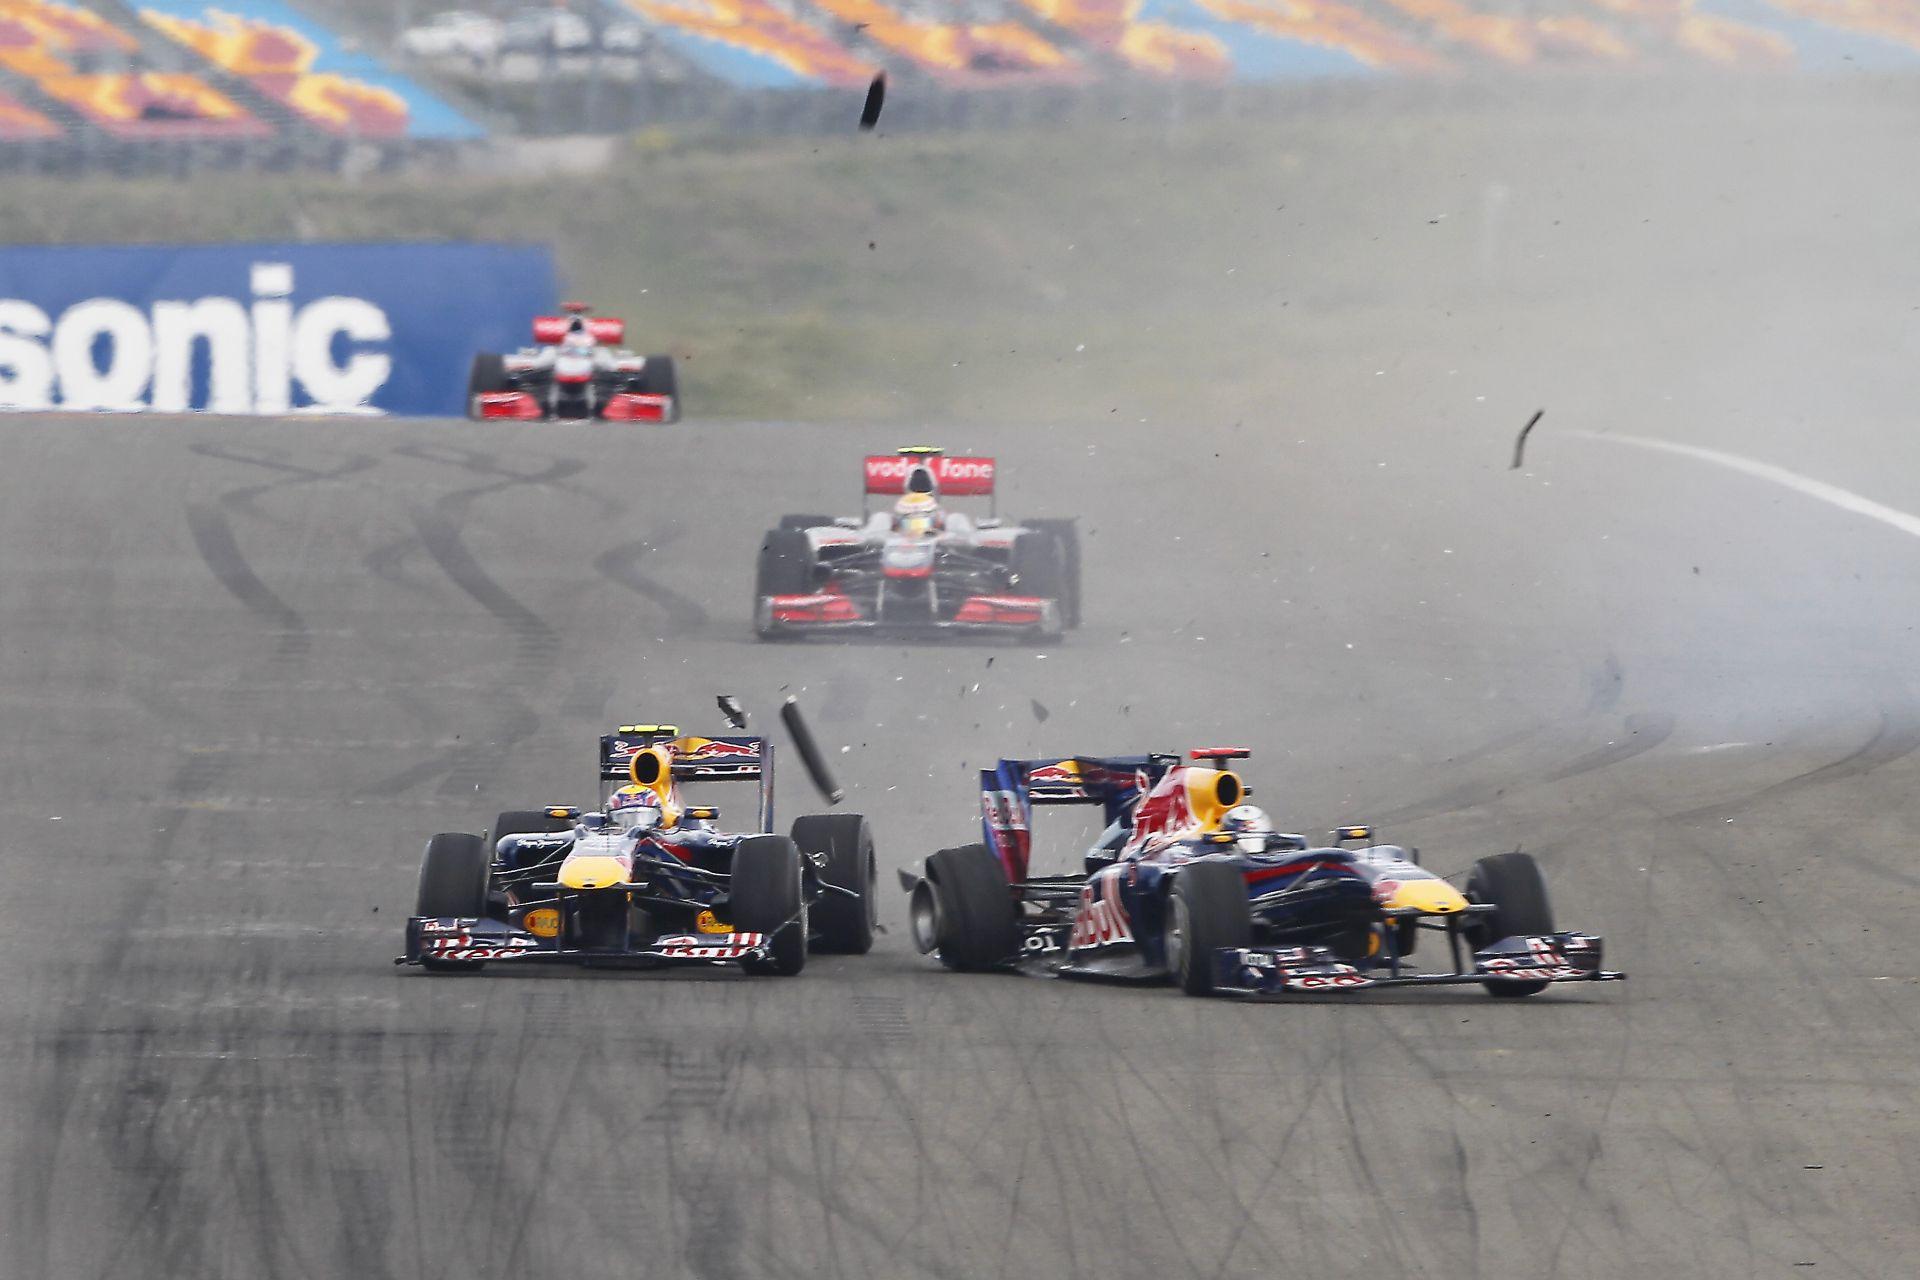 Webber és Vettel legendás ütközése Törökországban: majdnem megvolt a boksz kettejük között